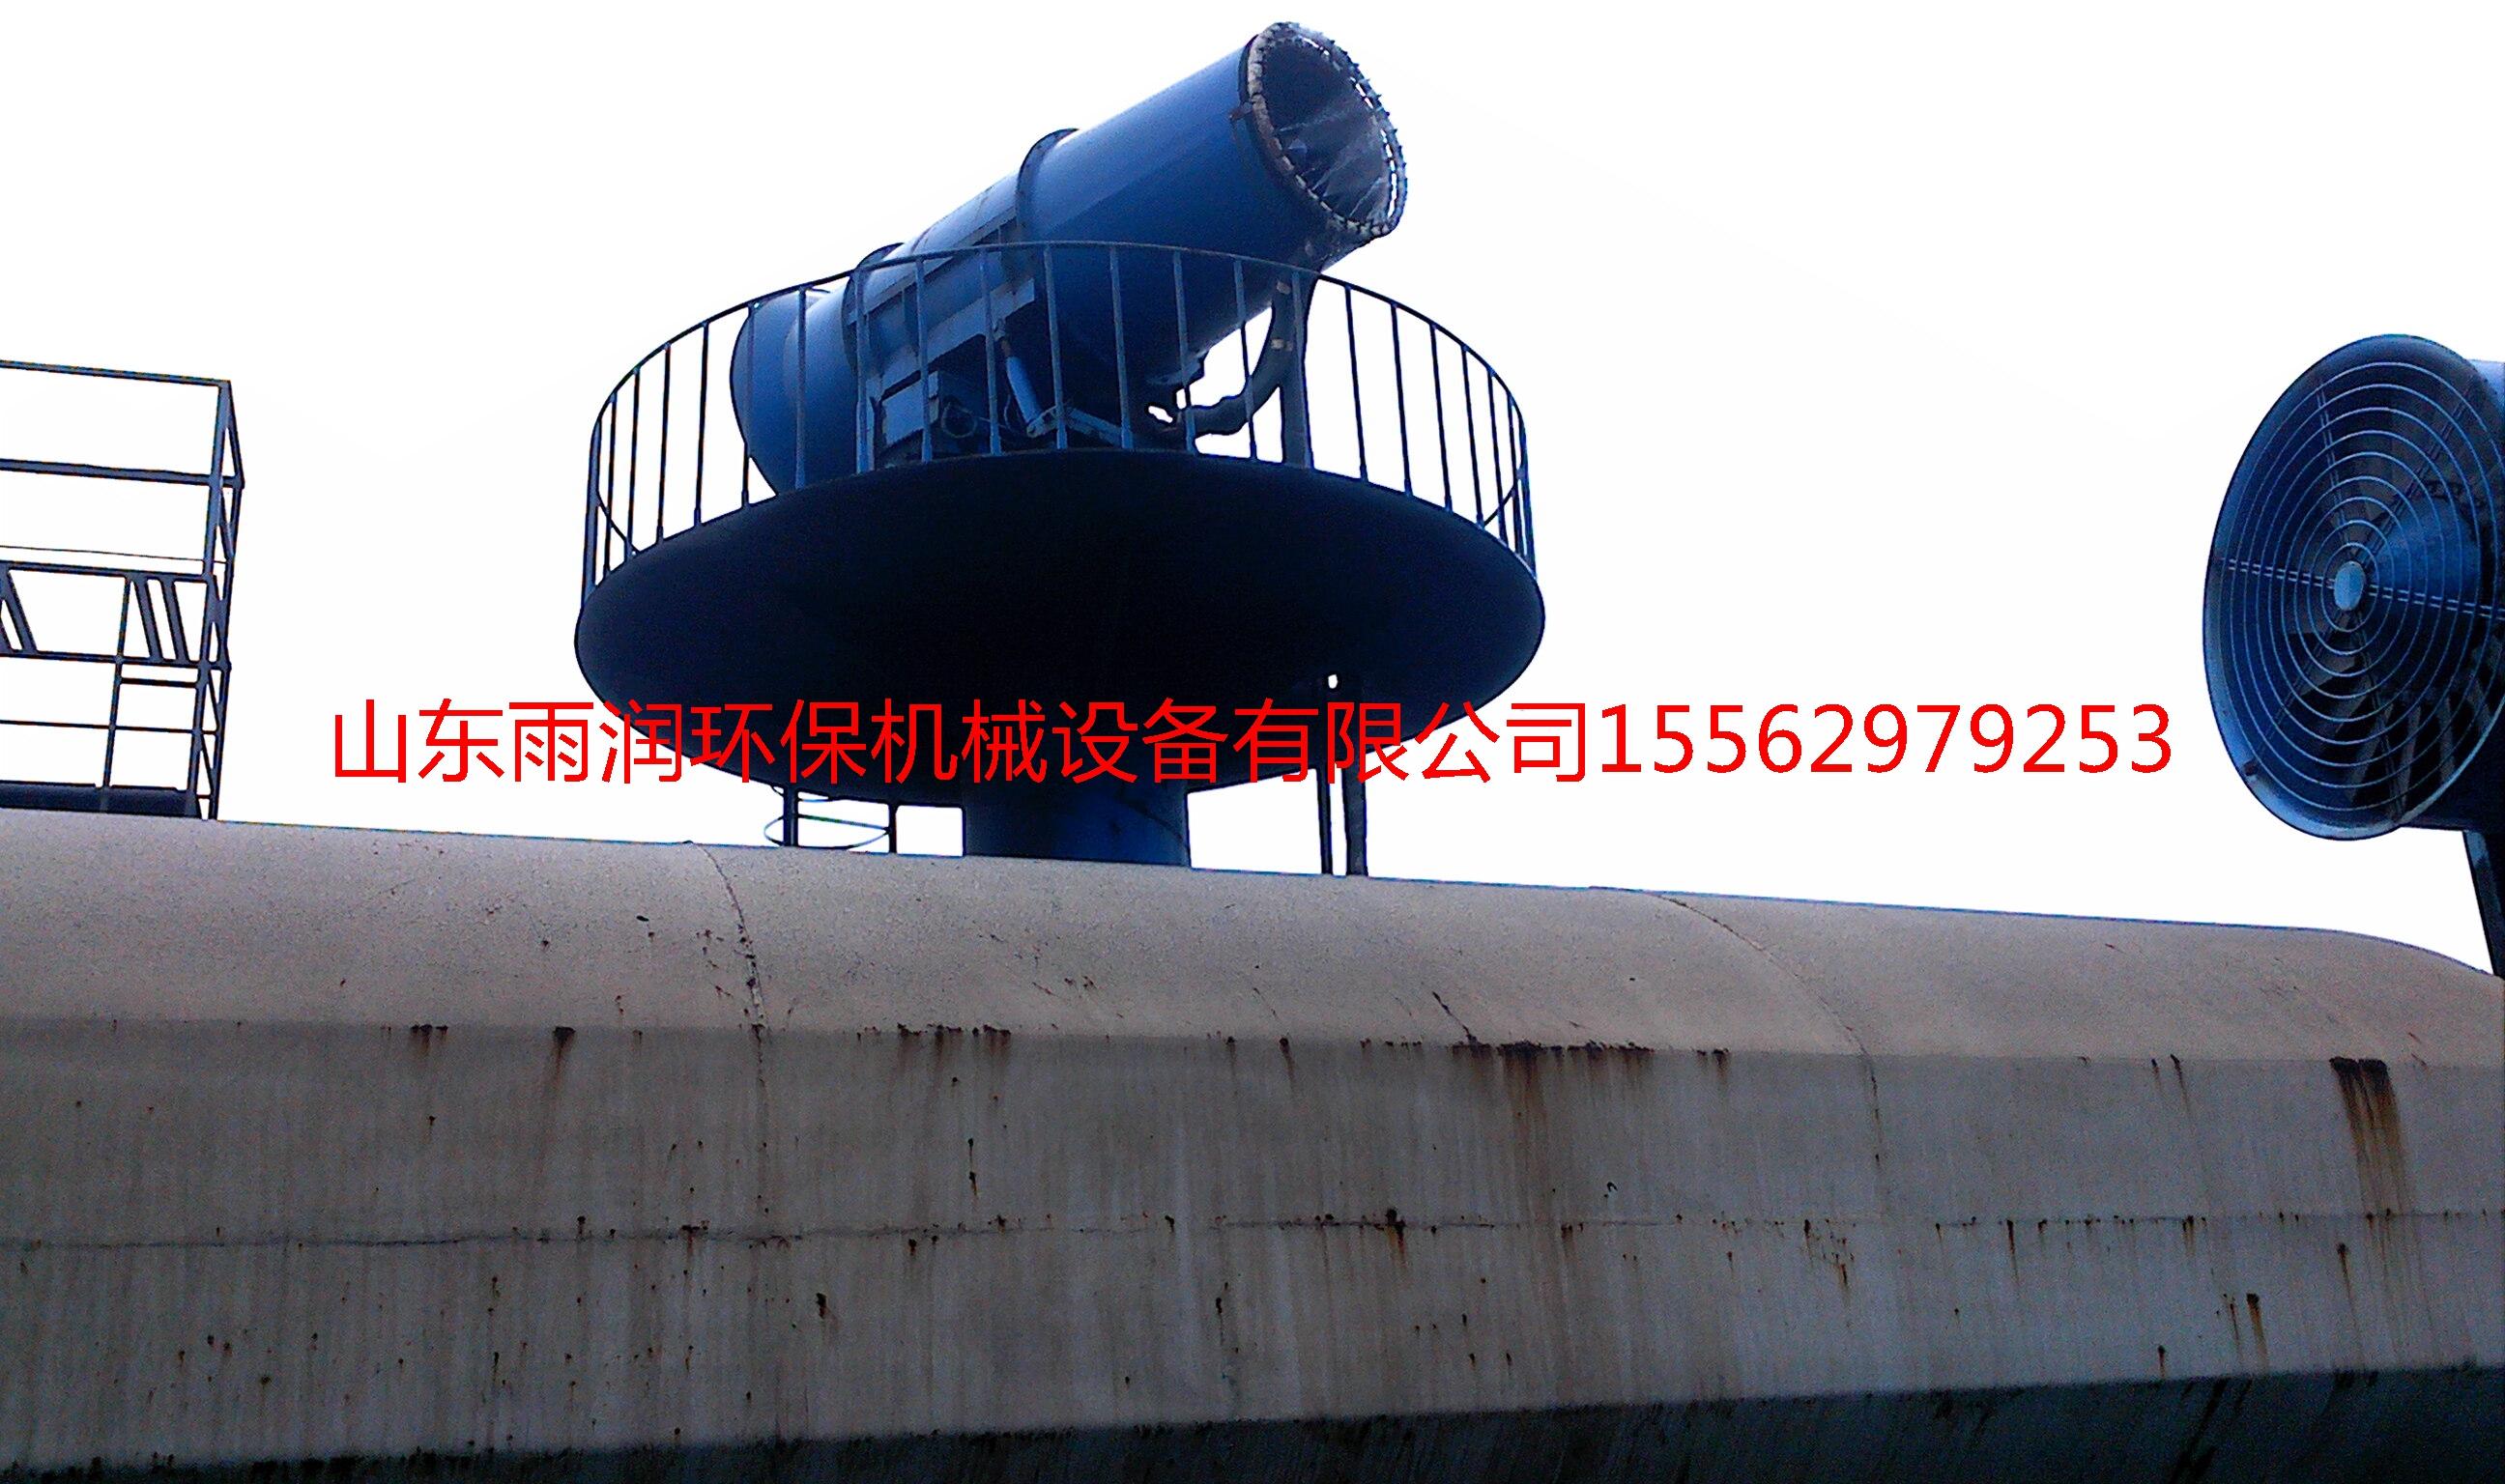 供应无锡风送式喷雾机质量,无锡风送式喷雾机厂家电话,无锡风送式喷雾机价格